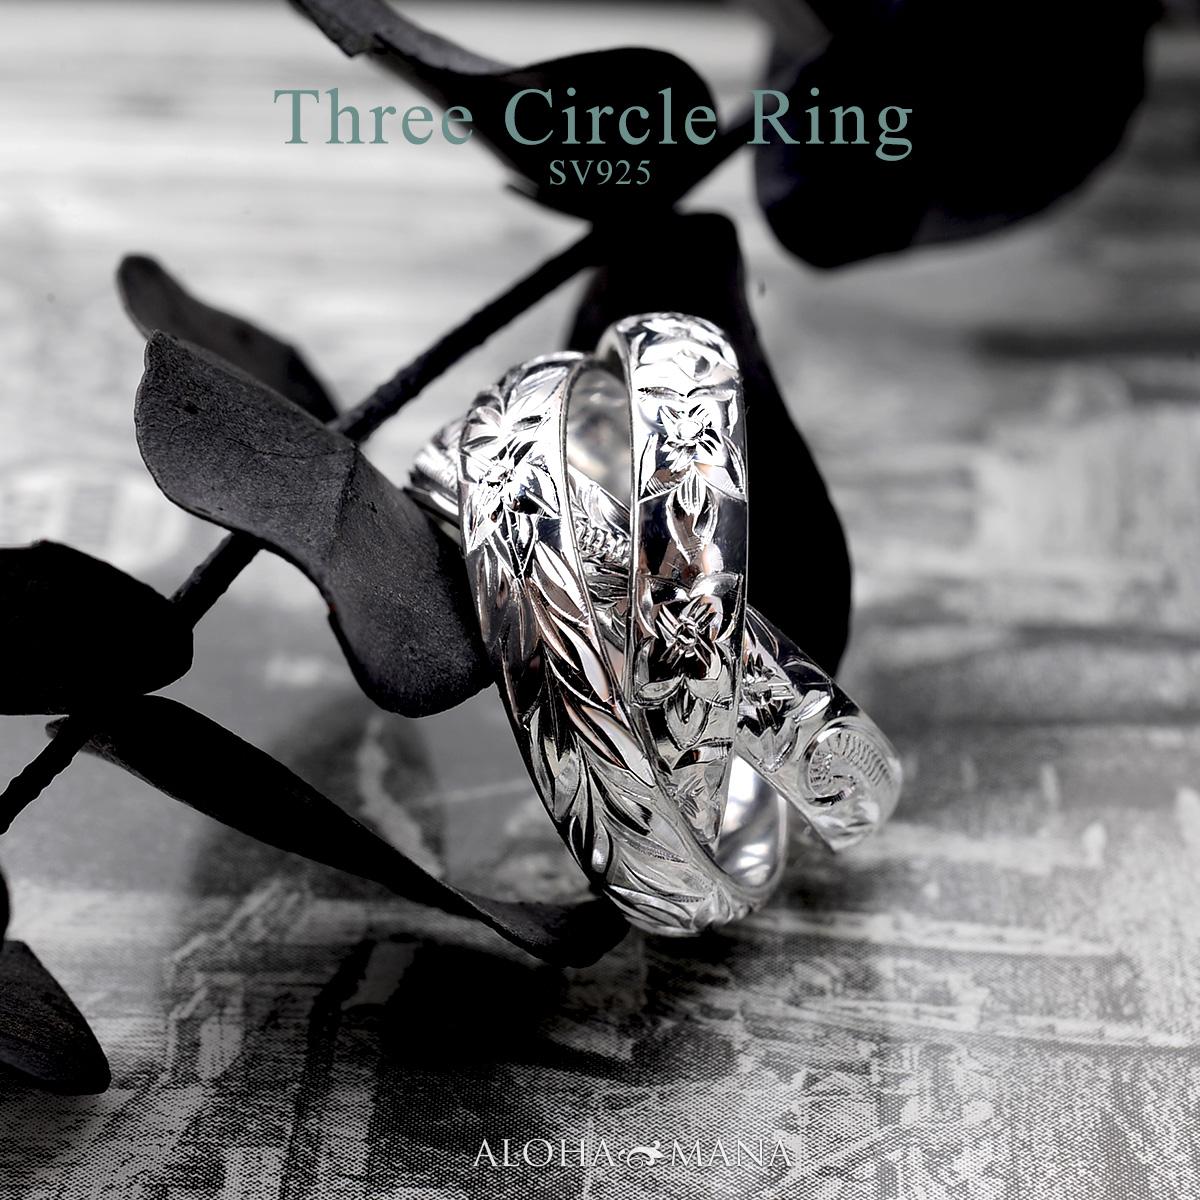 ハワイアンジュエリー リング 指輪  レディース 女性 メンズ 男性 ペアリングにオススメ スリーサークル・三連・3連シルバーリング 指輪 l男性サイズまで豊富なサイズ シルバー925 ambri0758sv